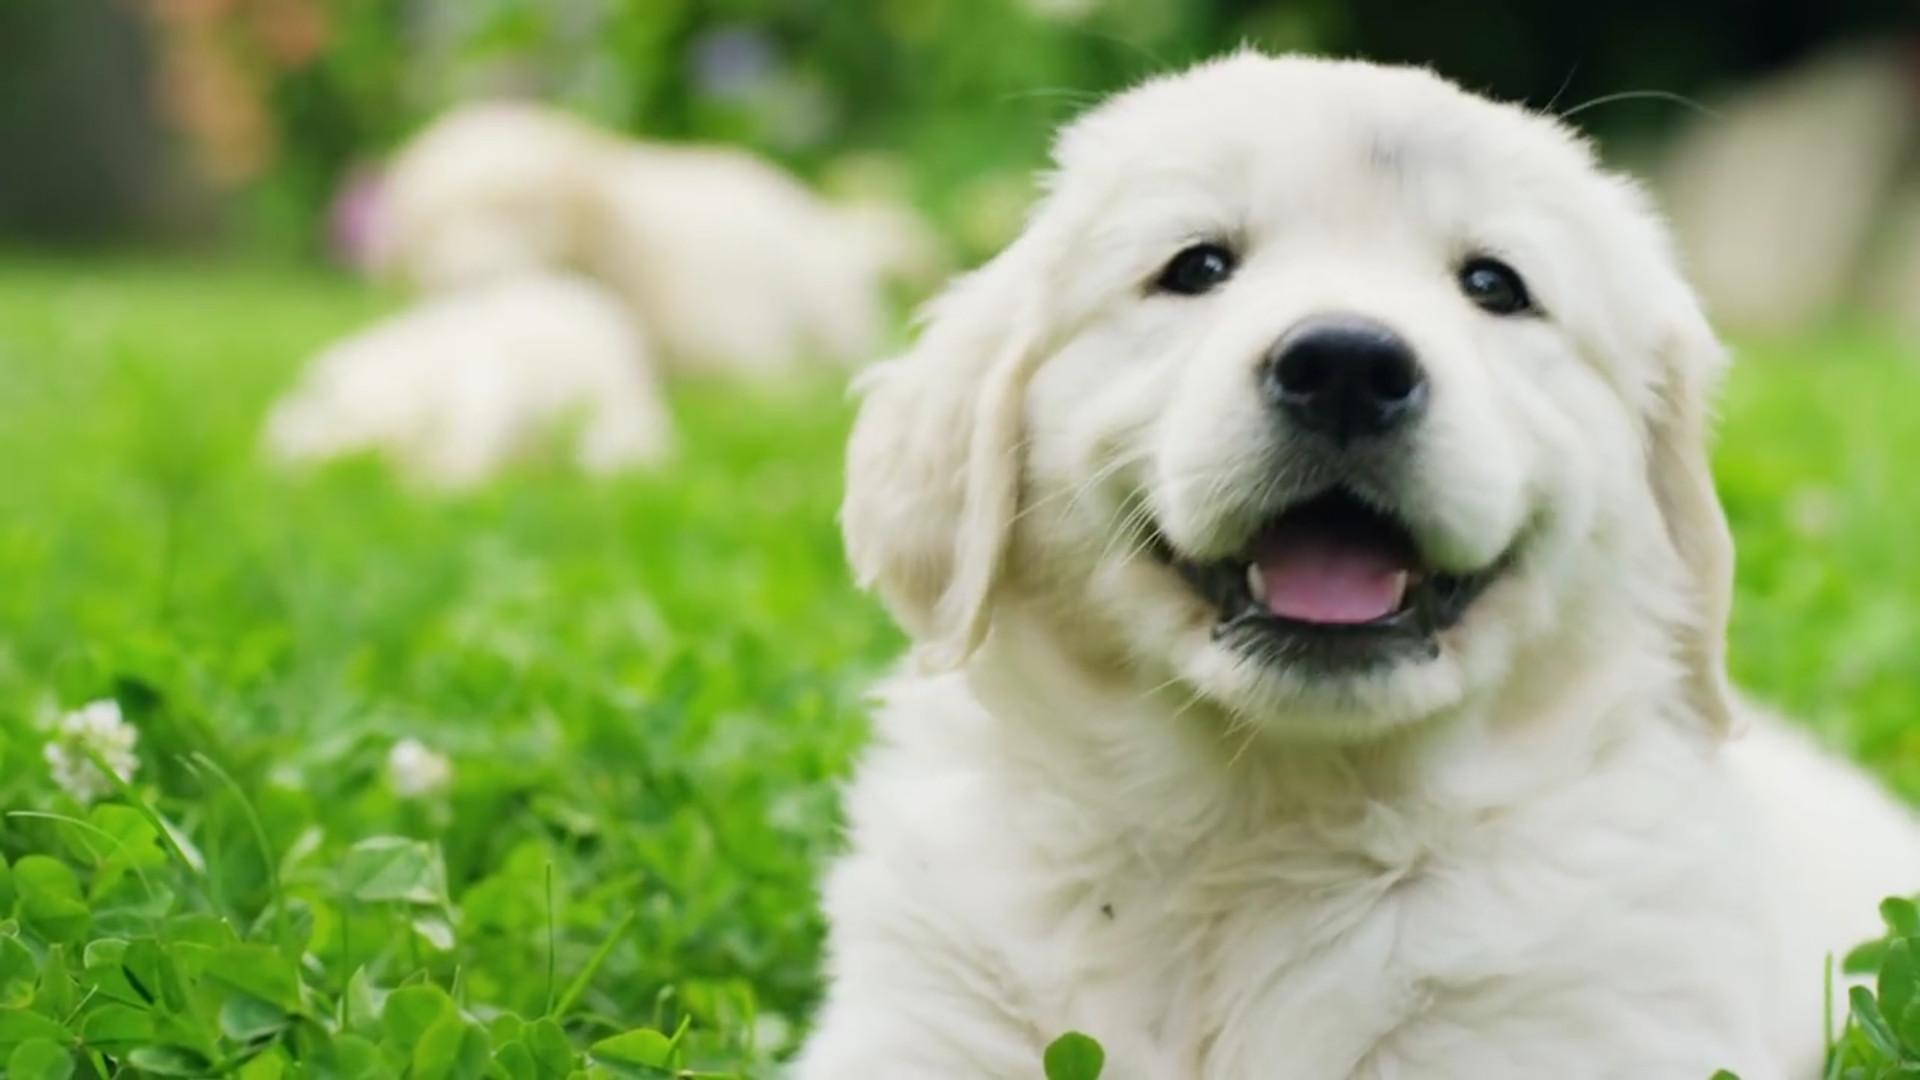 Shoot Smart Puppies Google Gunsamerica Digest